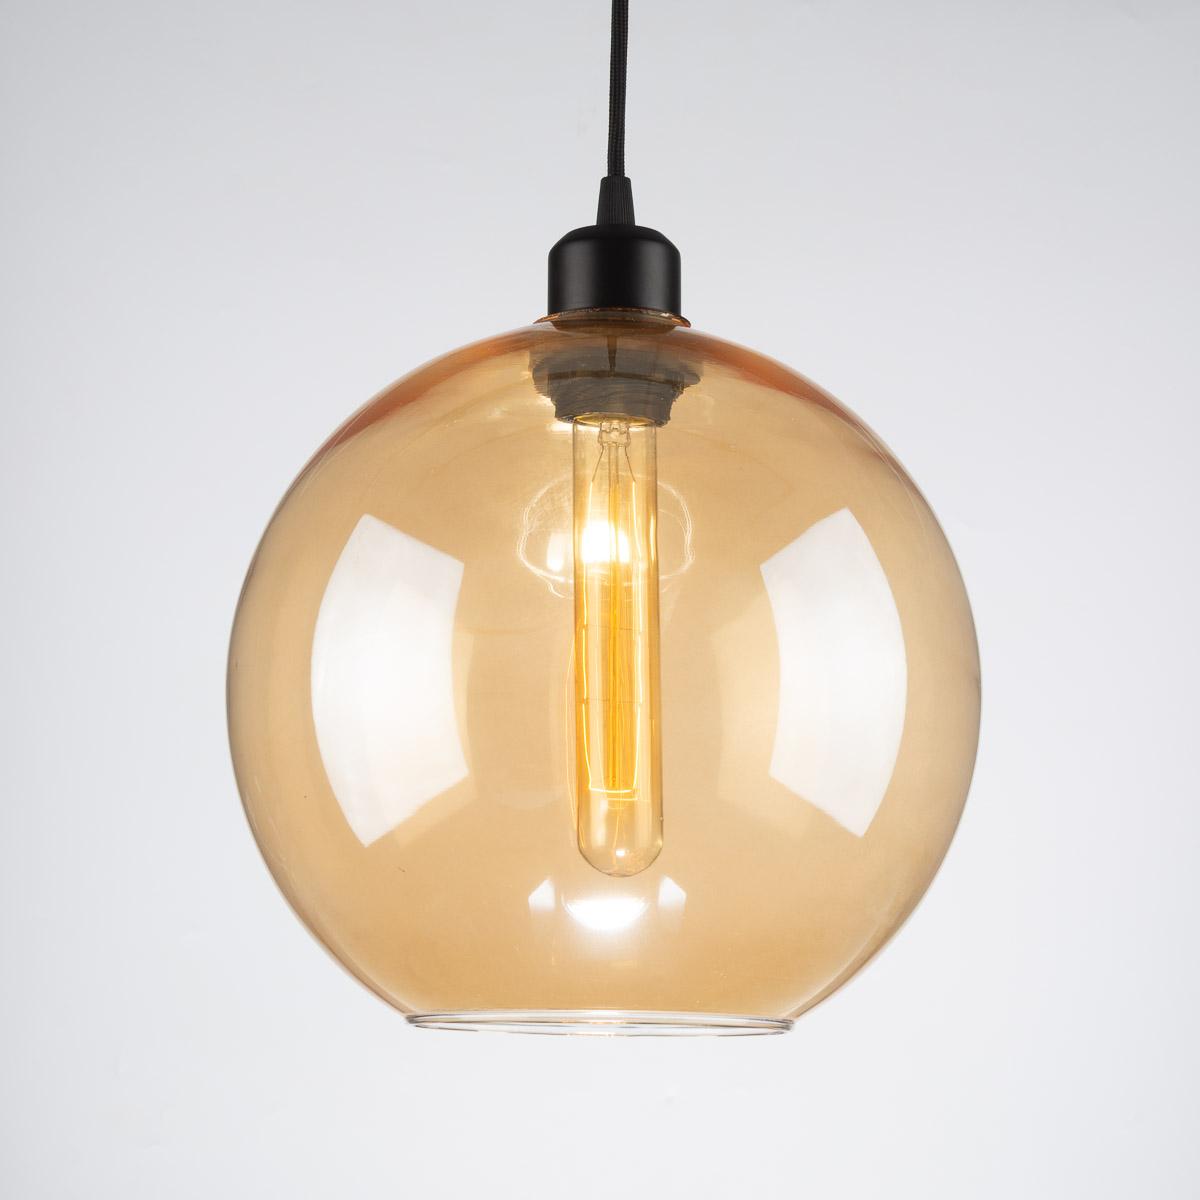 Потолочный светильник Cleo черный